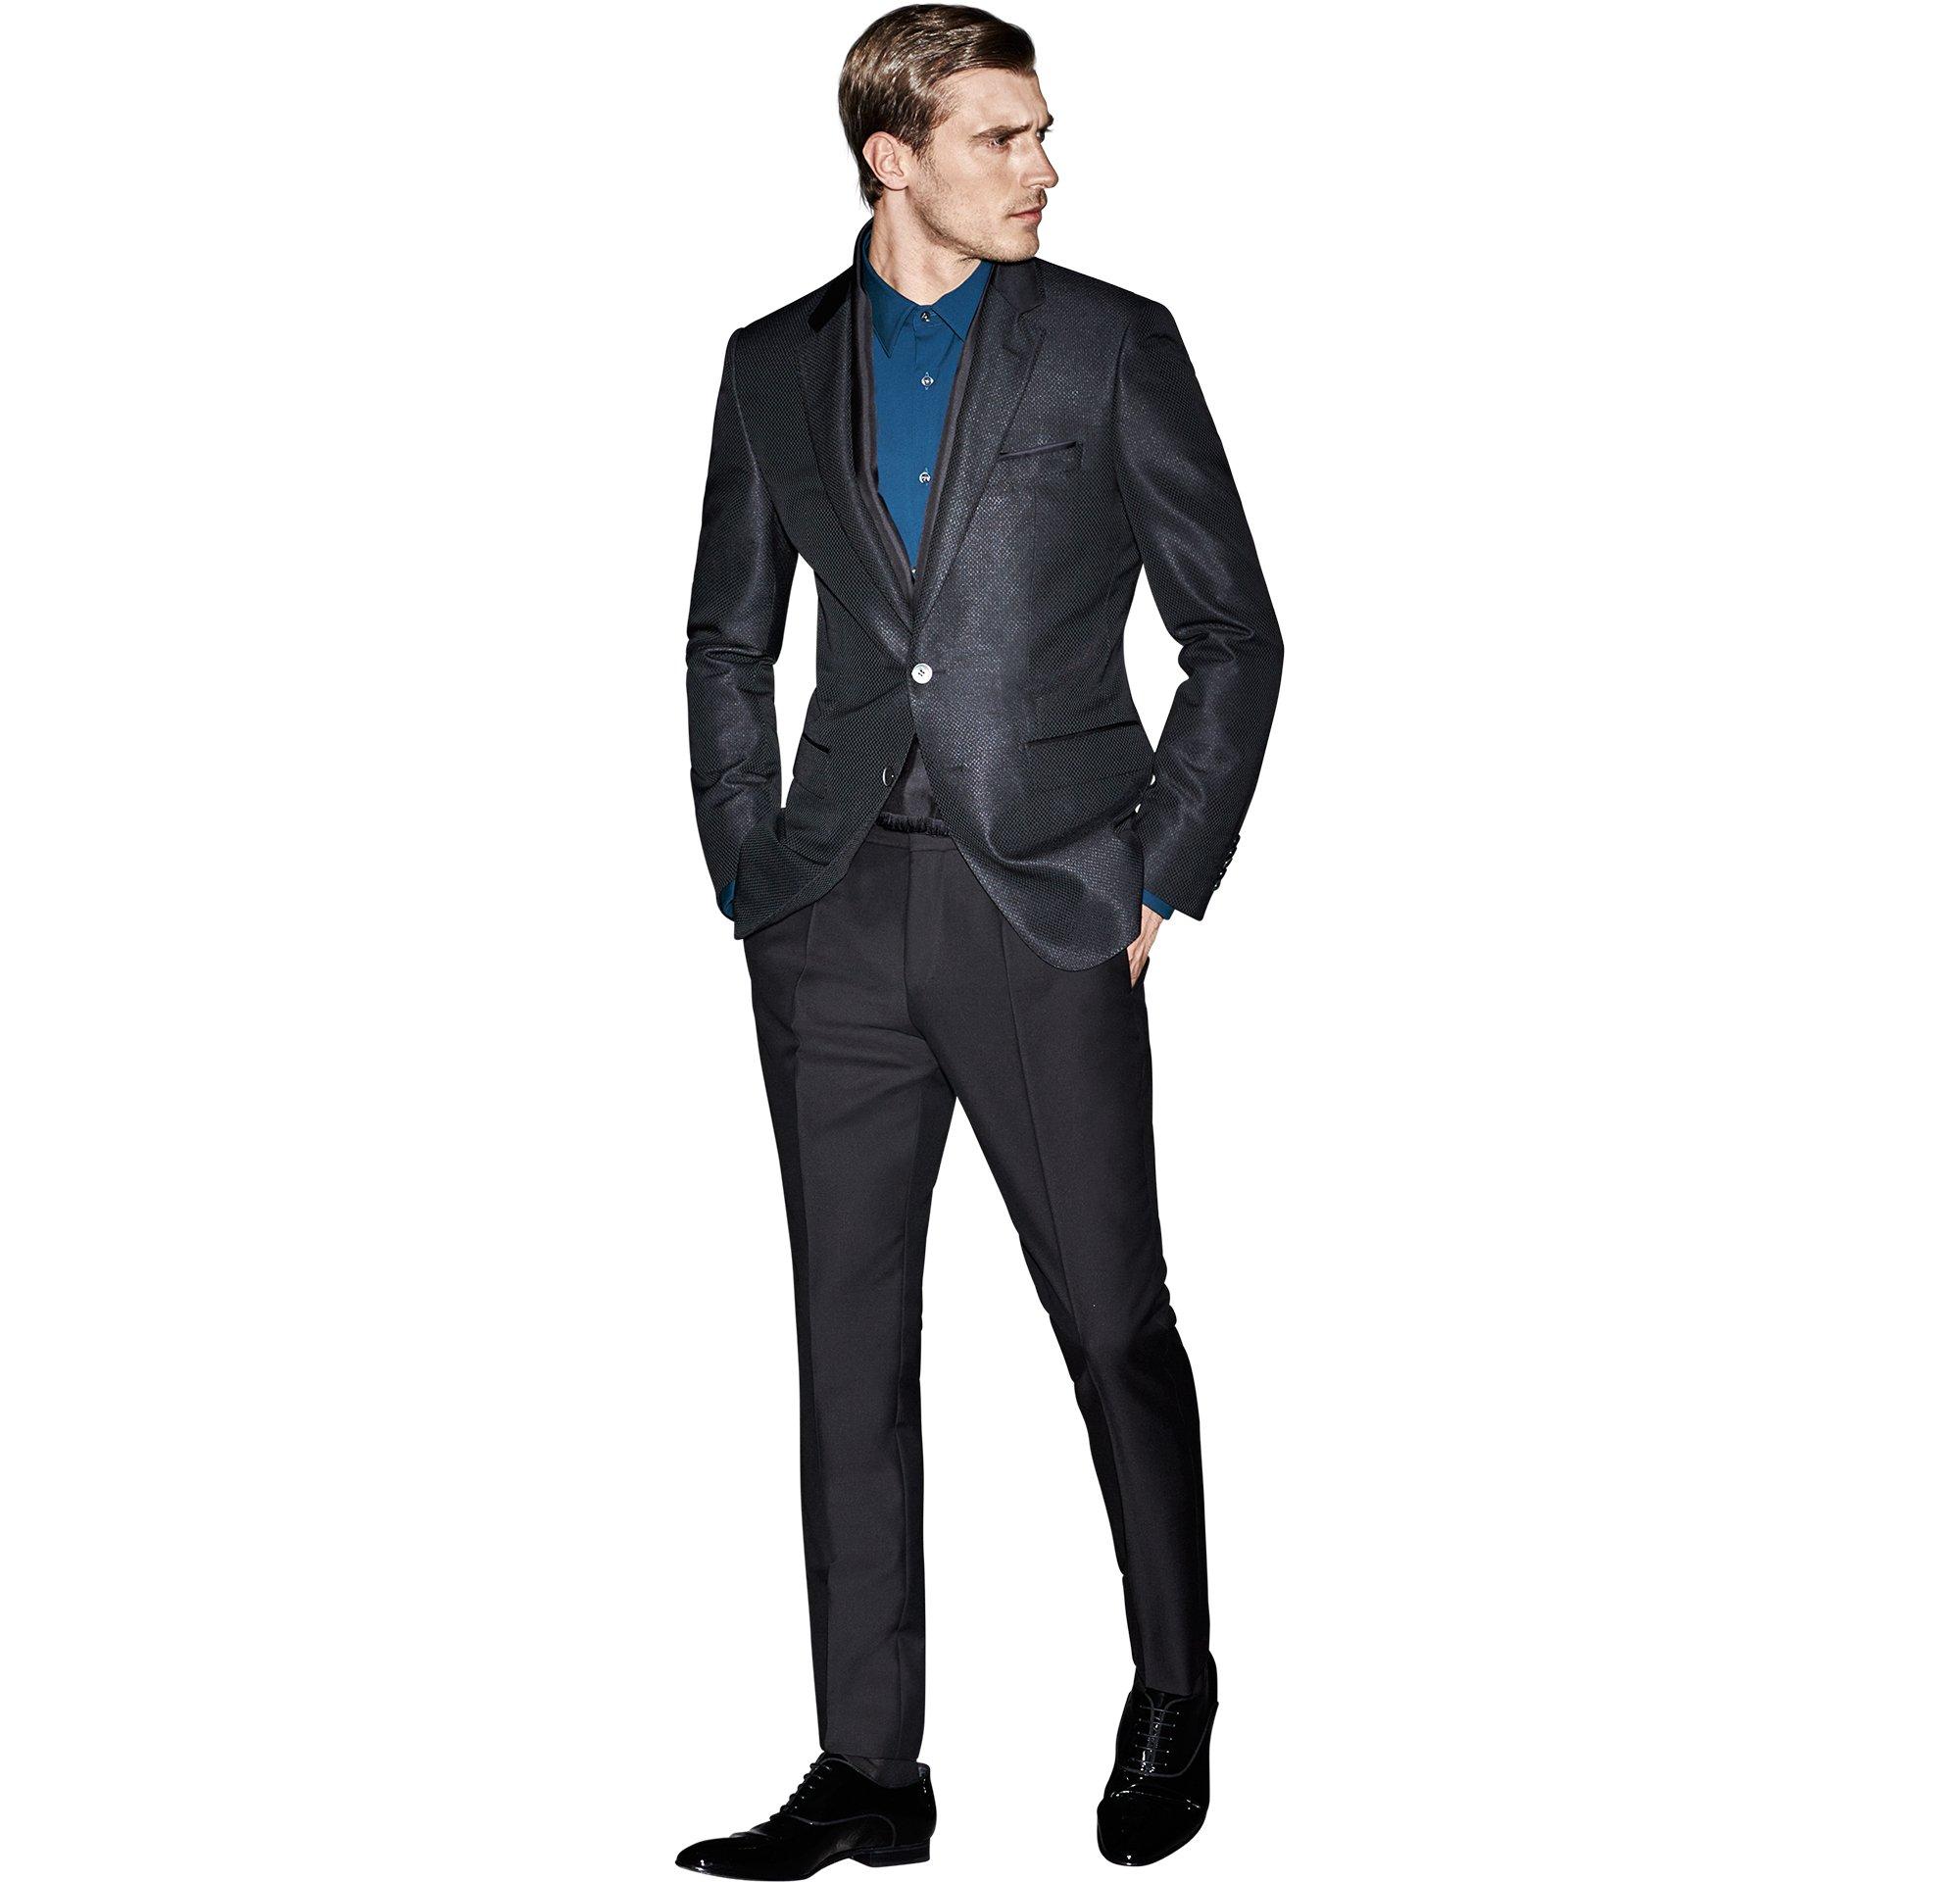 Blaues Sakko über blauem Hemd, schwarze Hose und schwarze Schuhe von BOSS